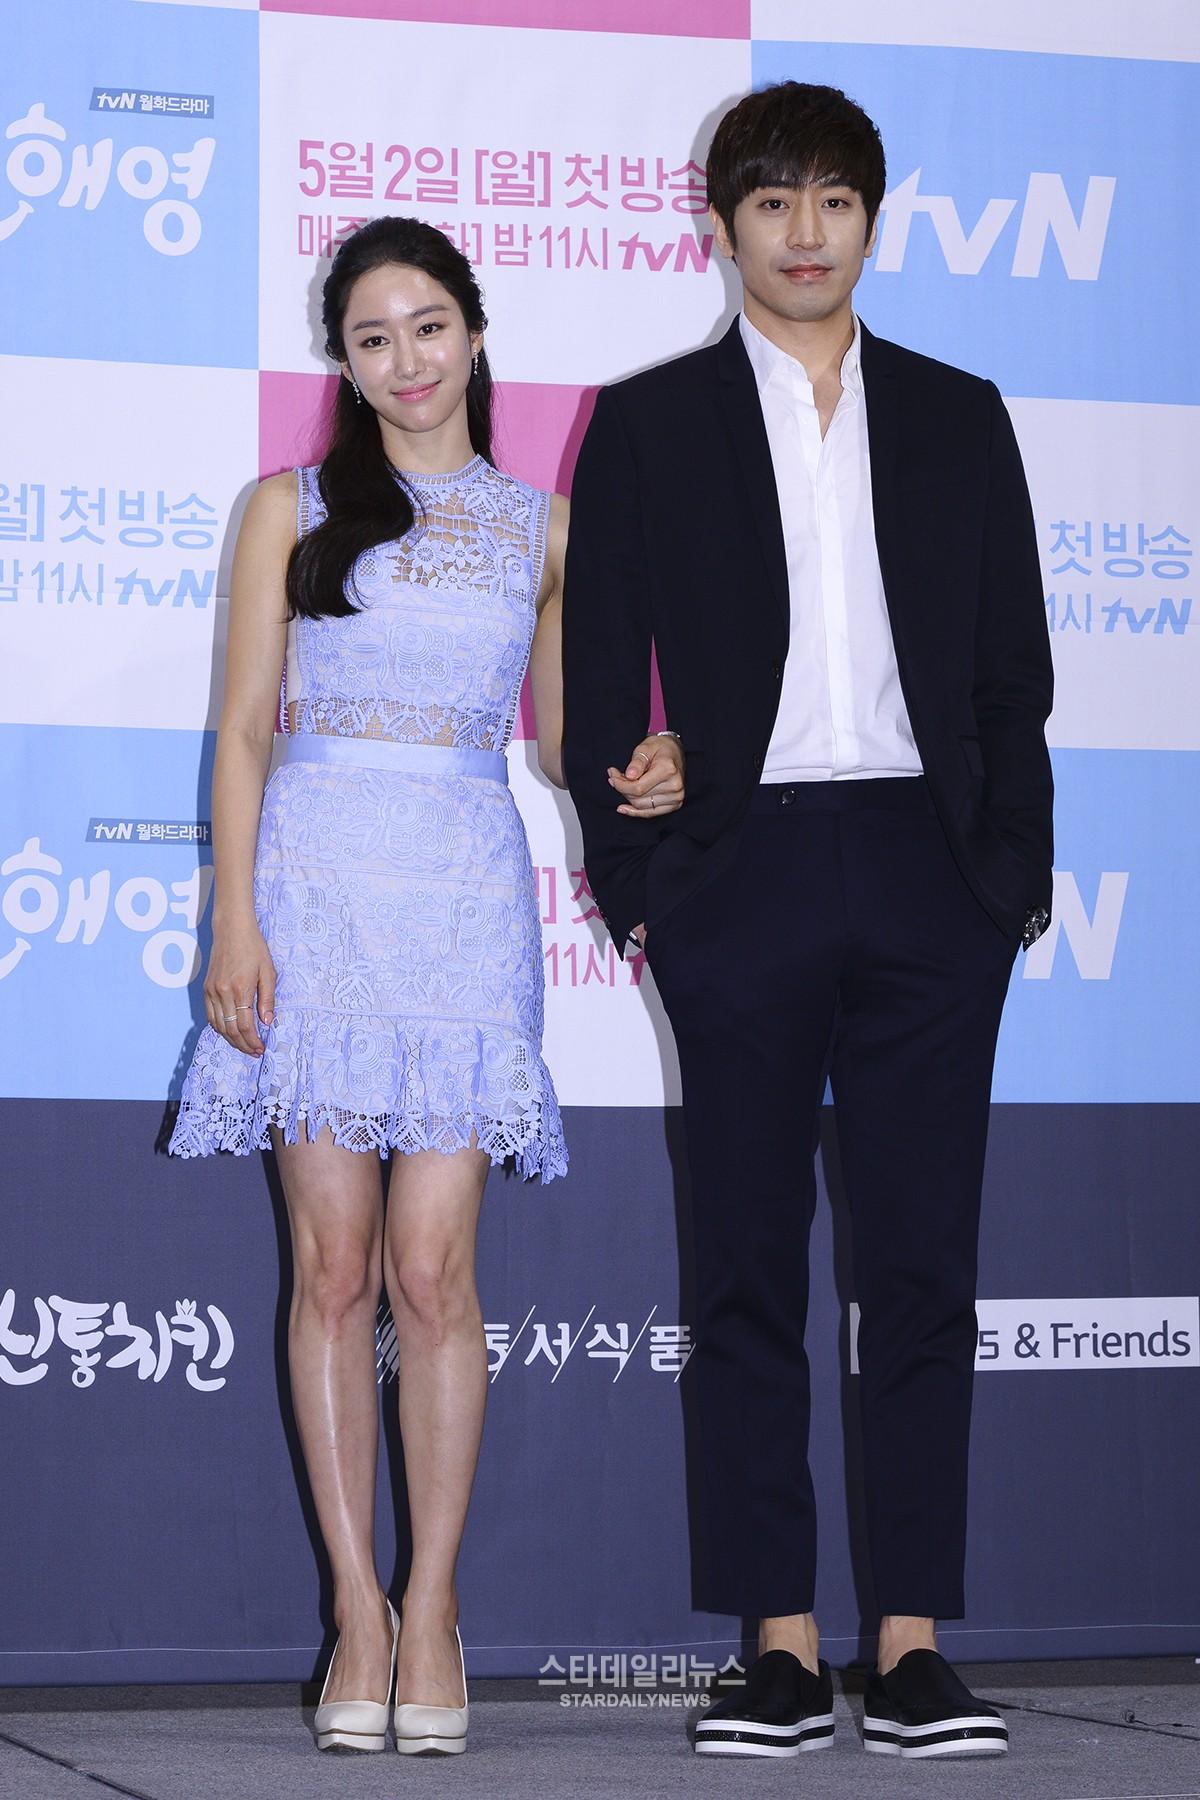 jeon hye bin eric Oh Hye Young Again